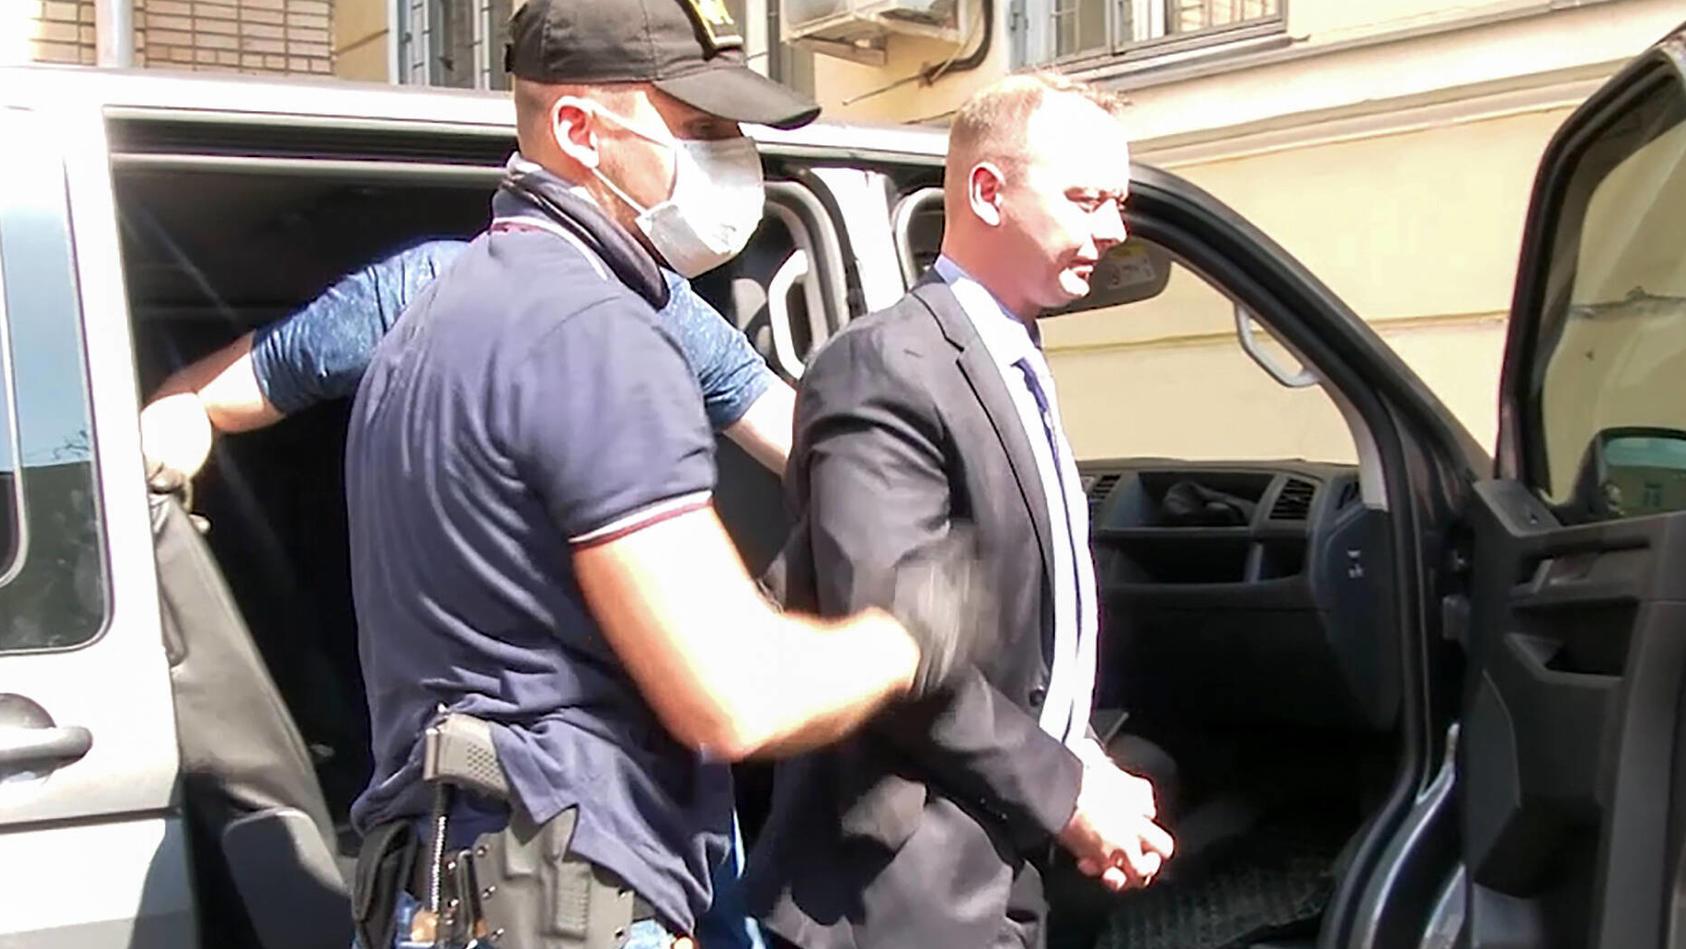 Russland, Iwan Safronow wegen Verdachts der Spionage festgenommen